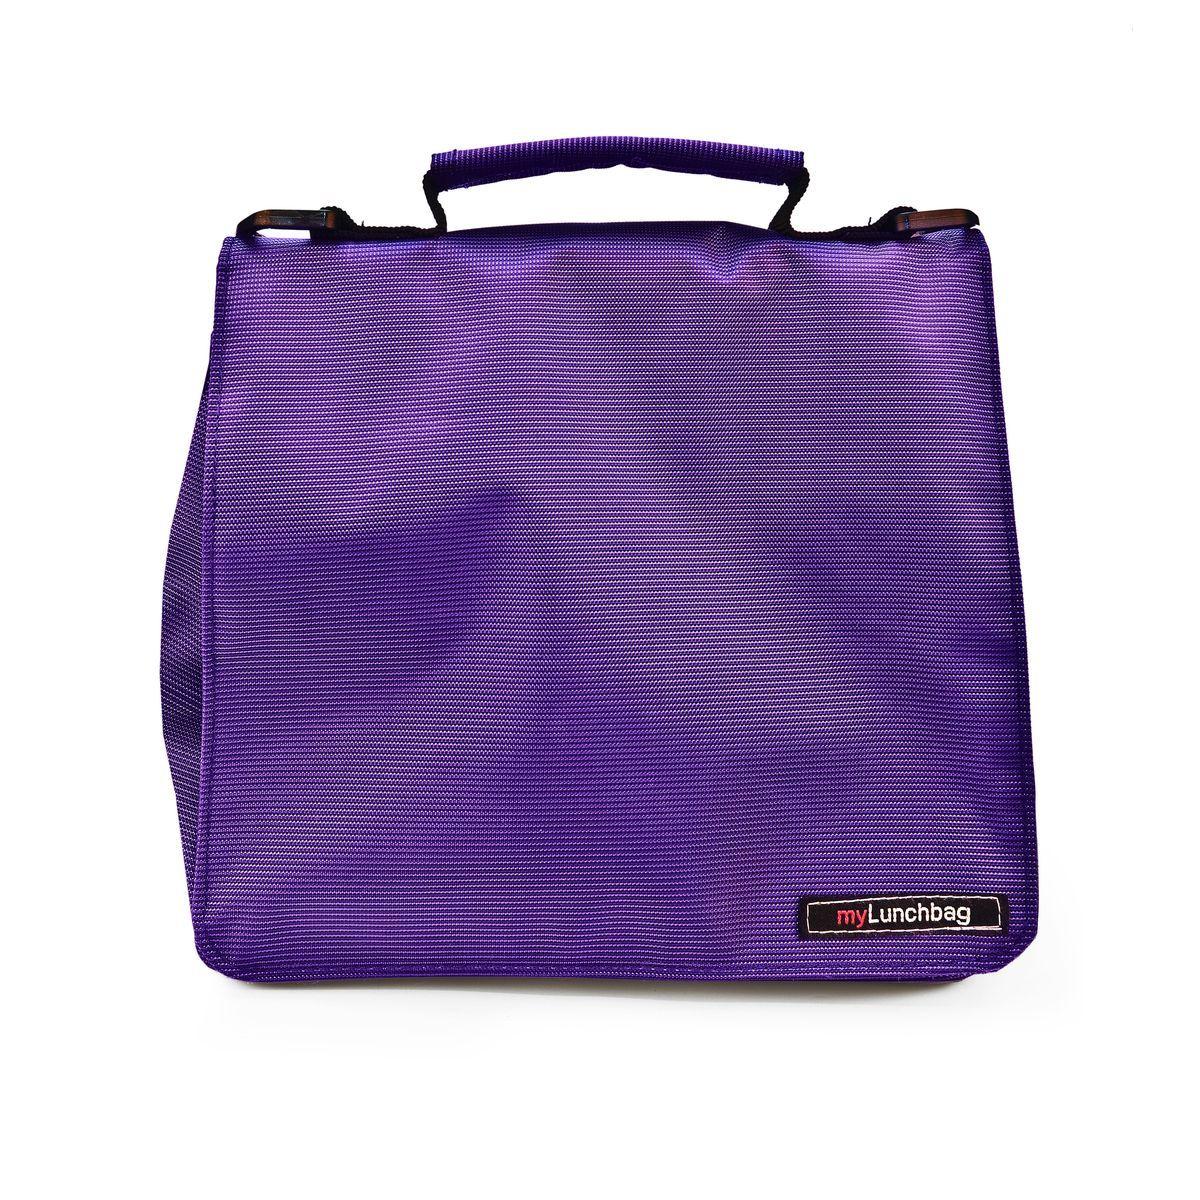 Термосумка для ланч-бокса Iris Smart MyLunchbag, цвет: фиолетовый, 25 х 13 х 20 смVAC-REC-Smaller BlueТермосумка для ланч-бокса Iris Smart MyLunchbag отлично сохраняет свежесть и вкус продукта на несколько часов. Она выполнена из полиэстера.Пригодится везде: на прогулке, на работе, учебе и т.д. С ней легко справится даже ребенок. Легко складывается до небольших размеров. Присутствует удобный кармашек для аксессуаров и регулируемый ремень для переноски (в одной руке или на плече).Рекомендуется регулярно стирать вручную в теплой воде с мылом.Размеры: 25 х 13 х 20 см.